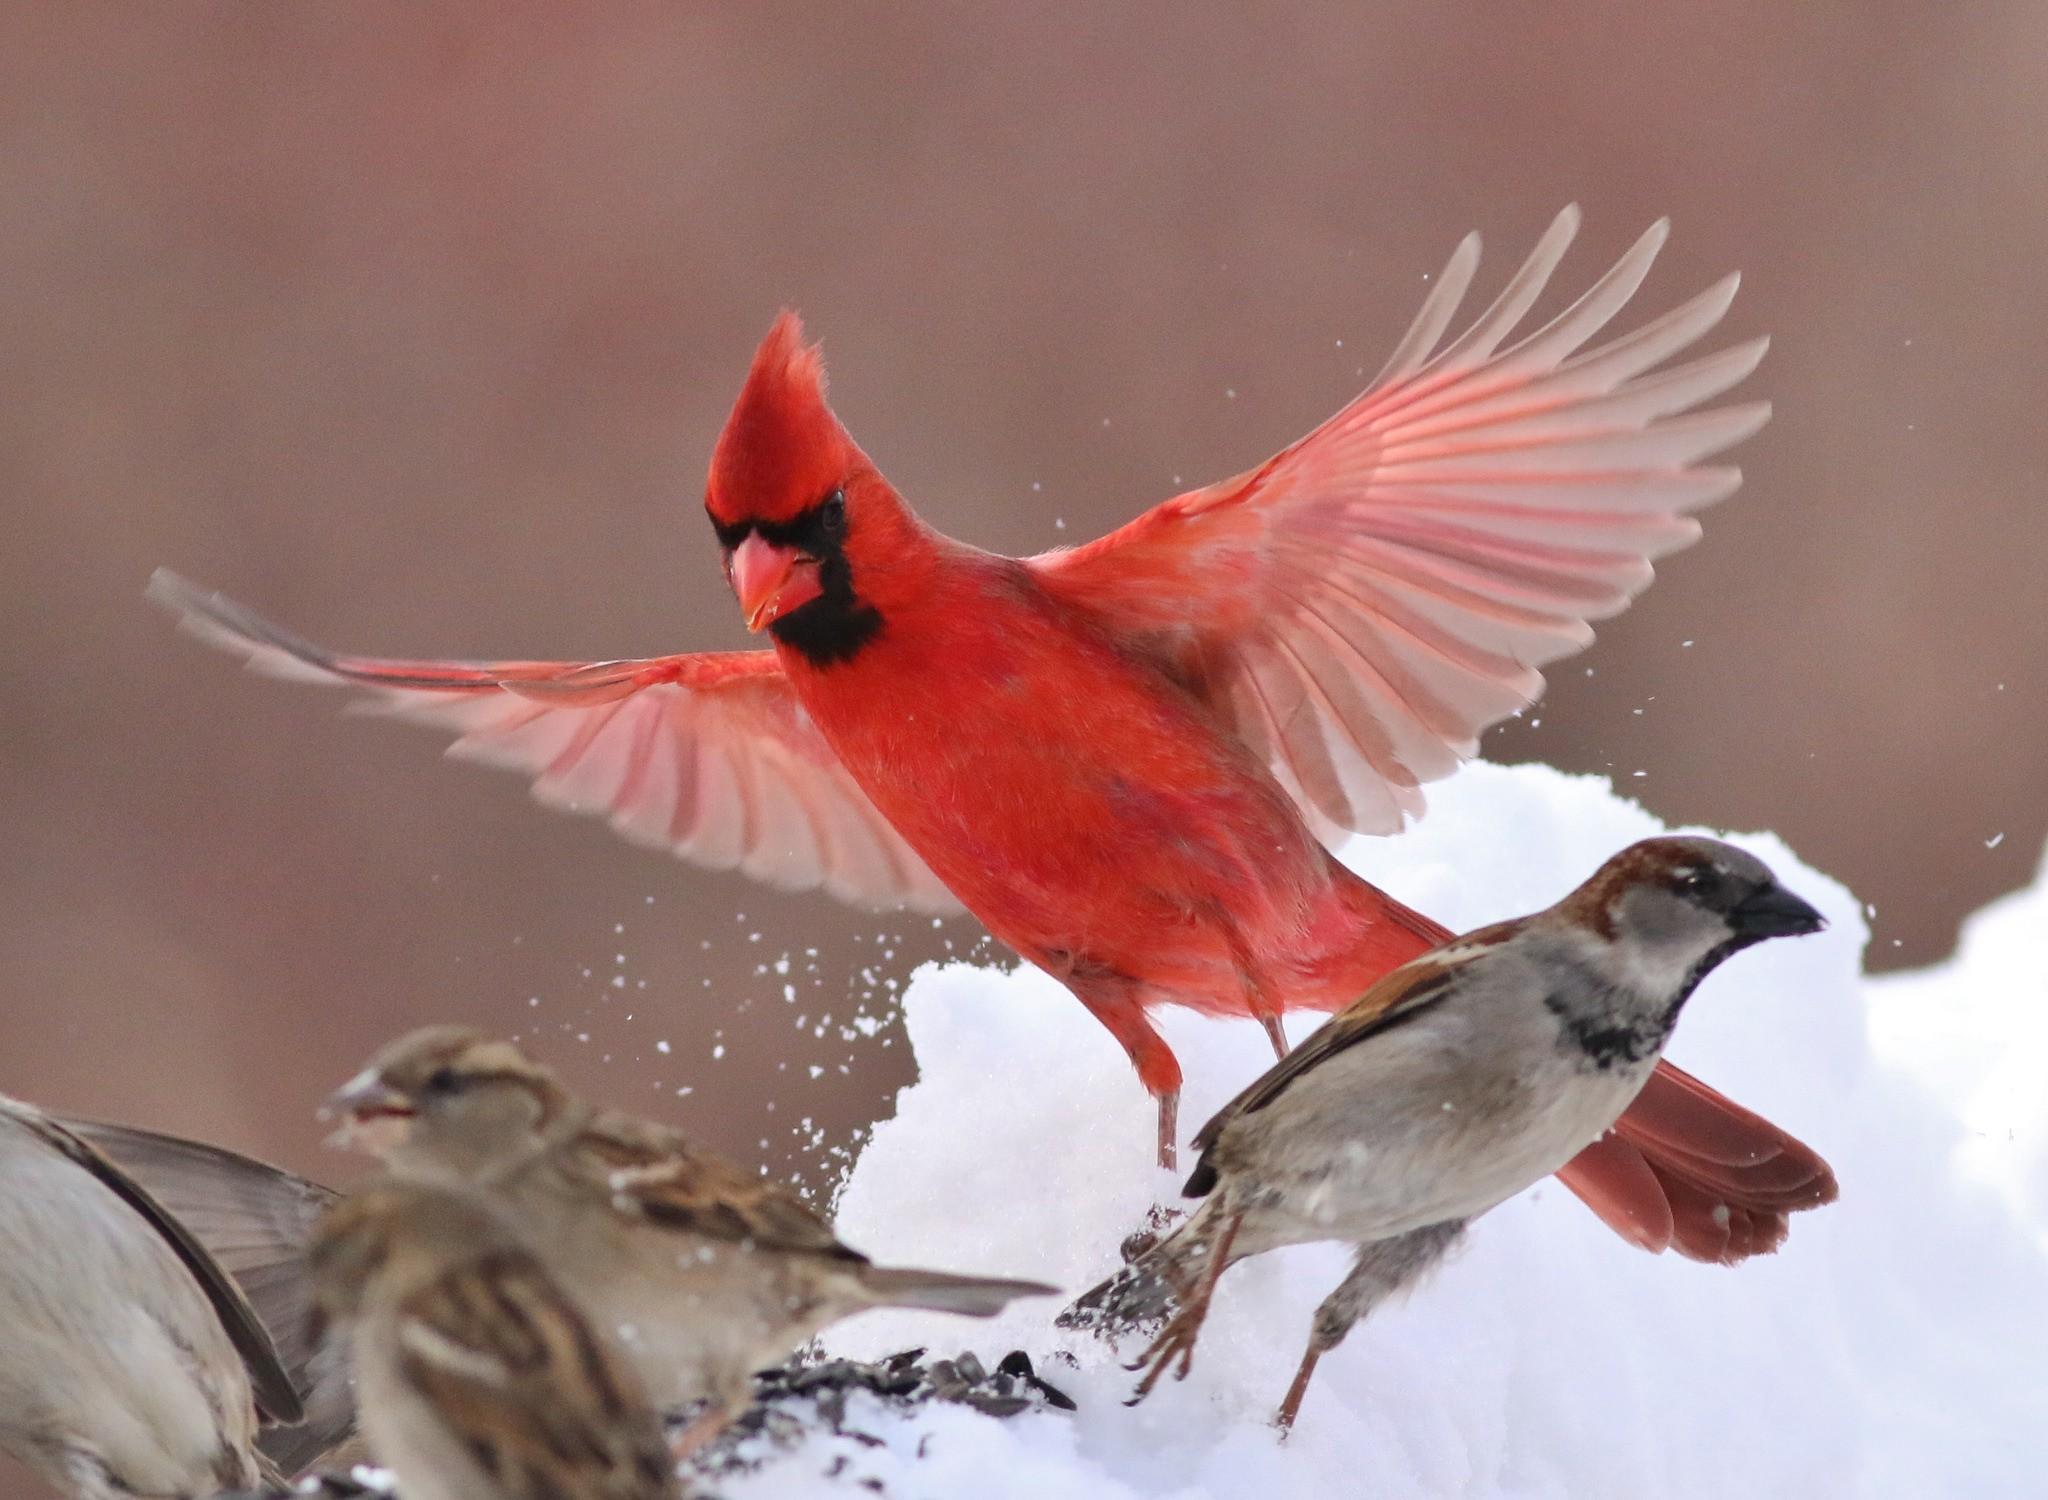 Red cardinal bird wallpaper thumb